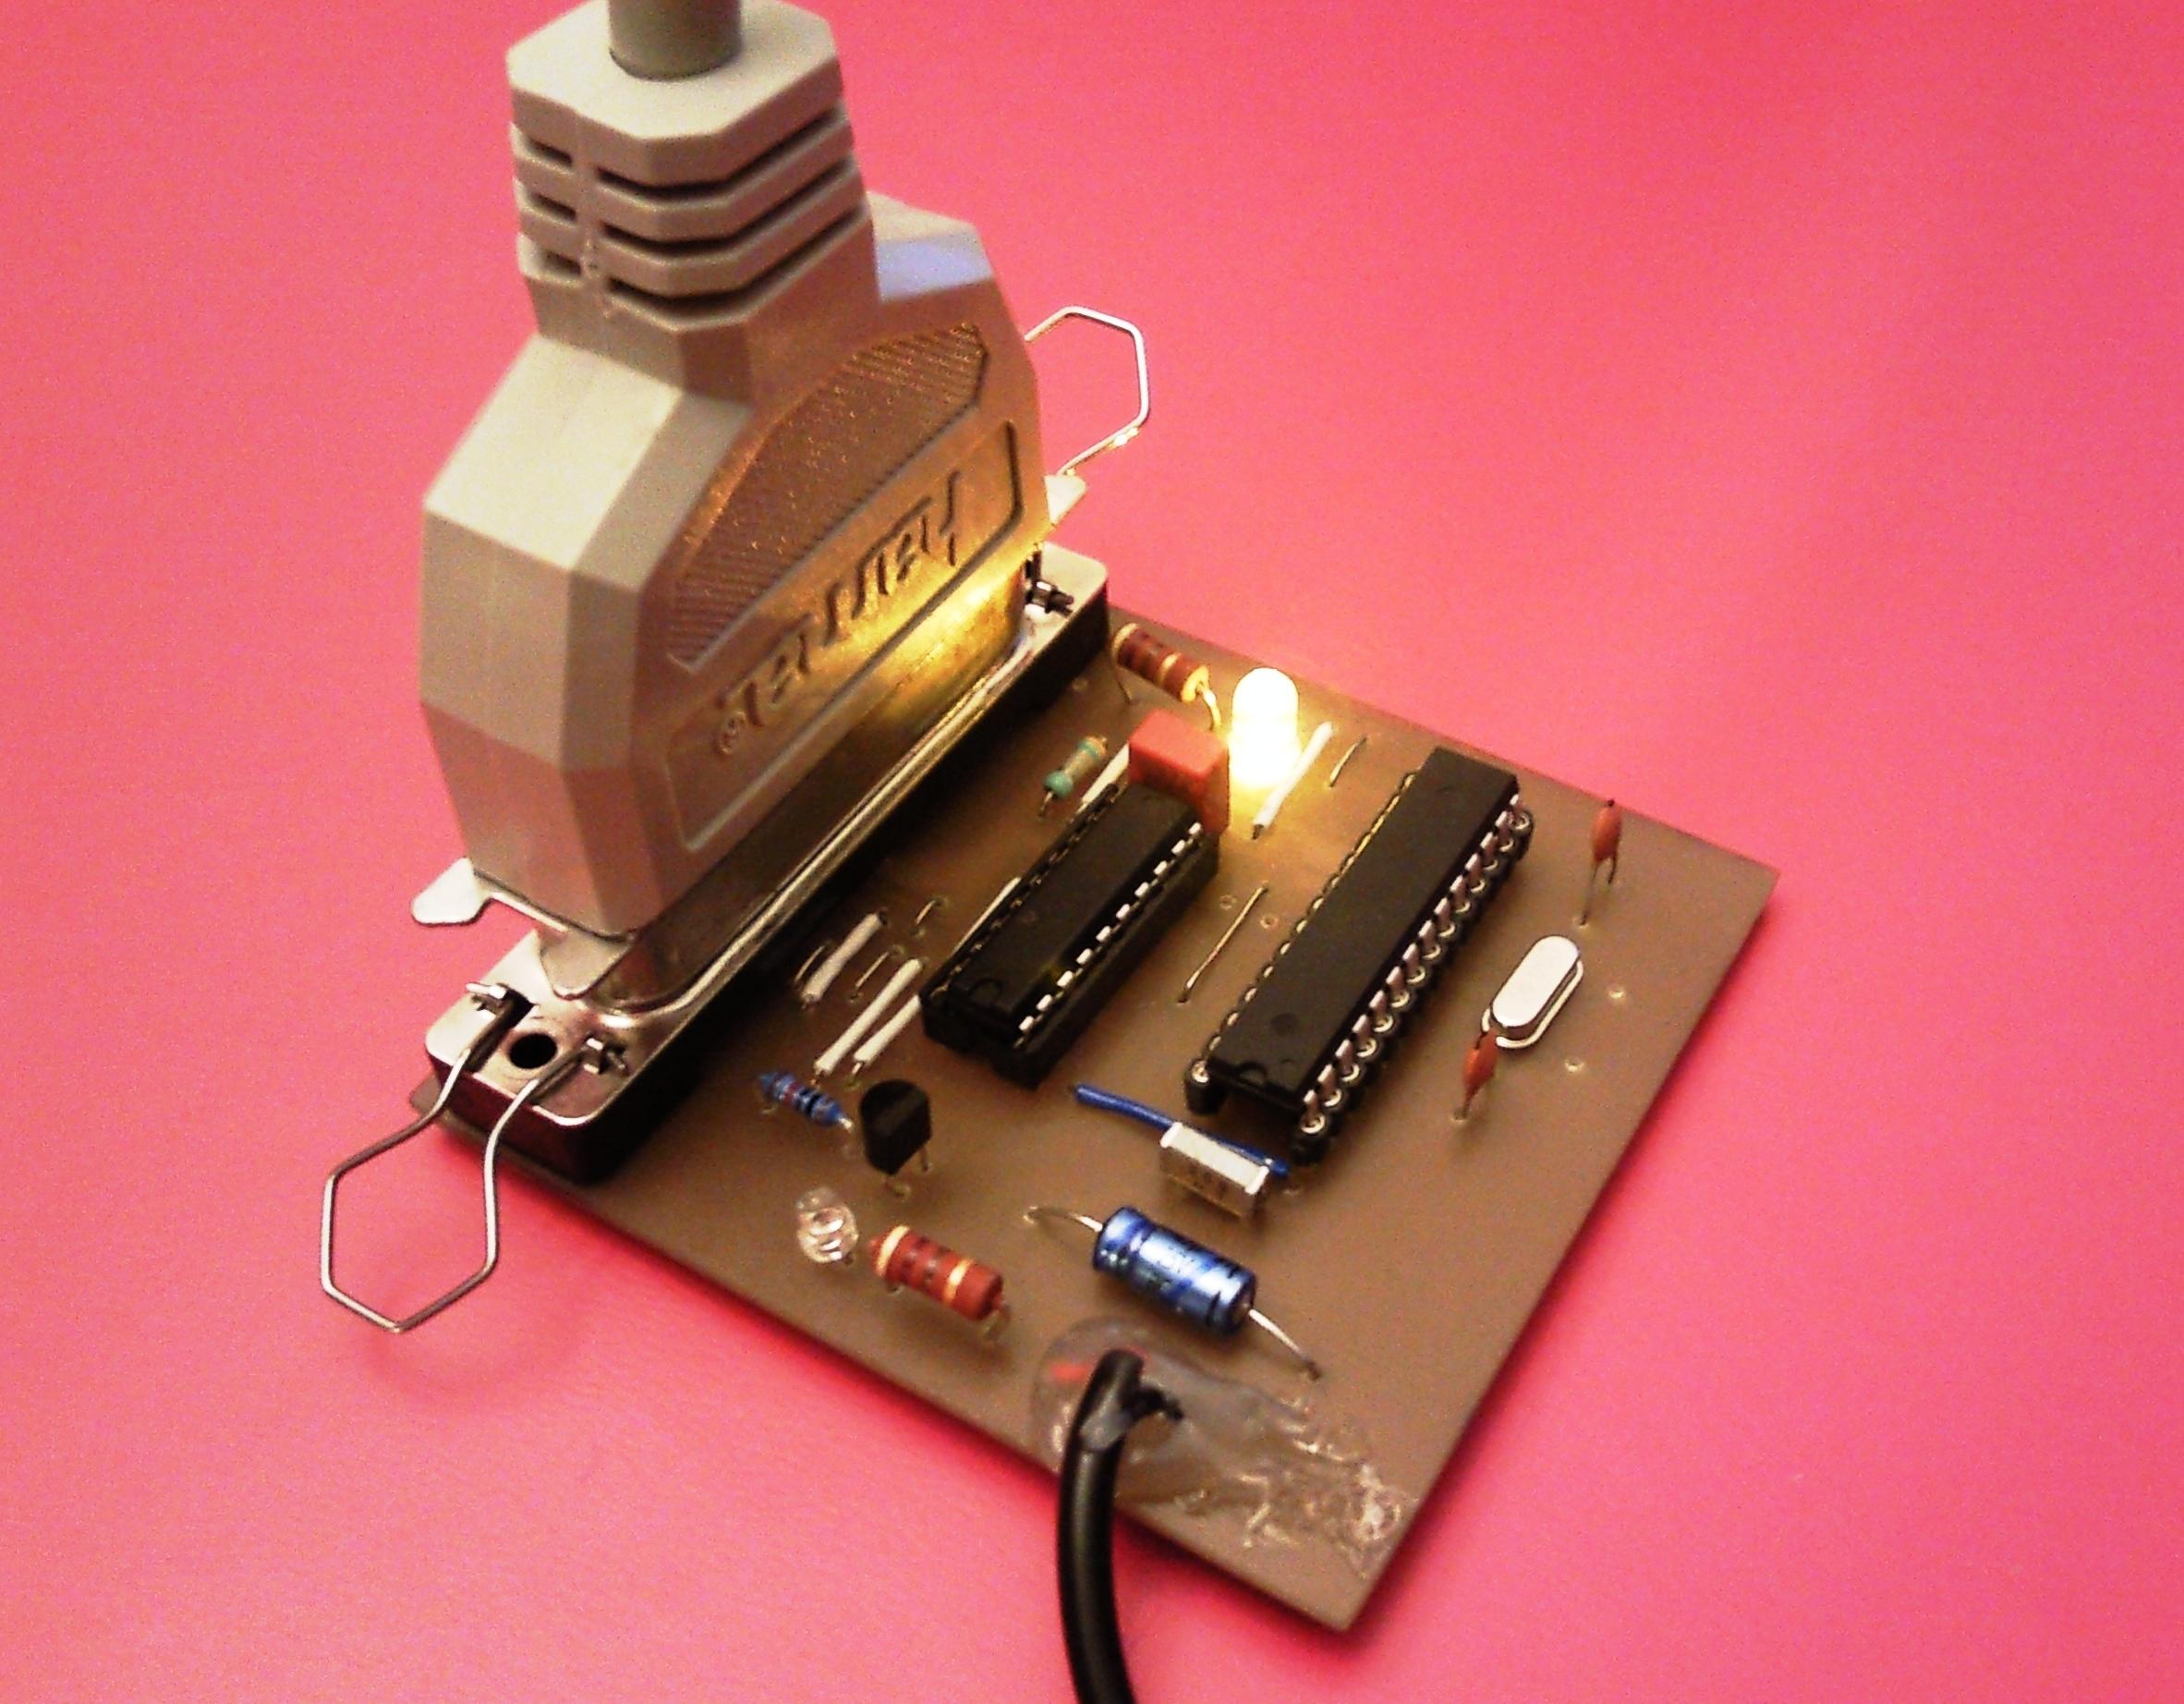 Parallel AVR programming board